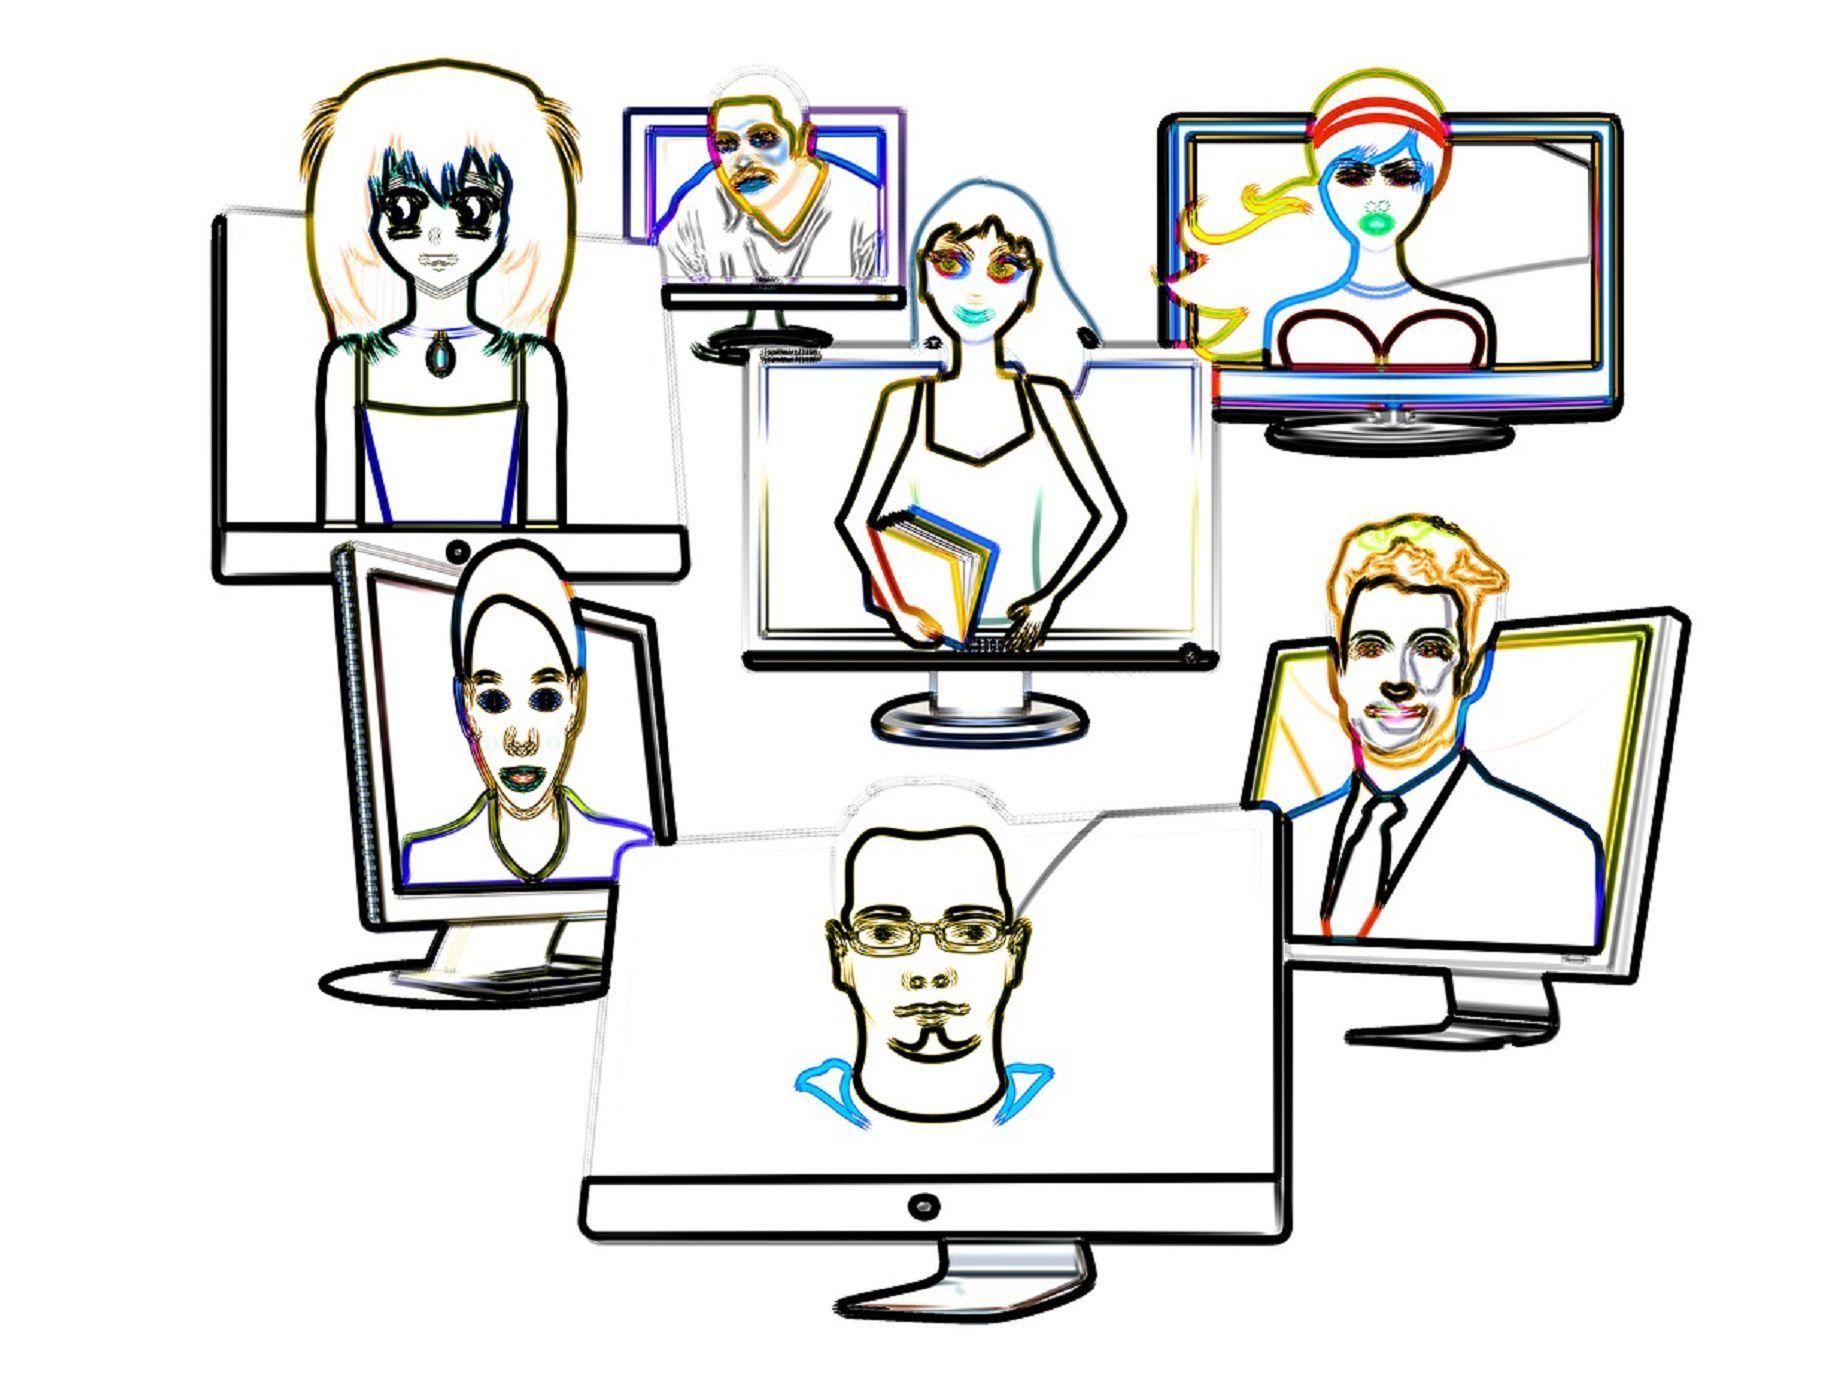 你看廣告,廣告也看你;線上廣告資料現在可以這麼應用